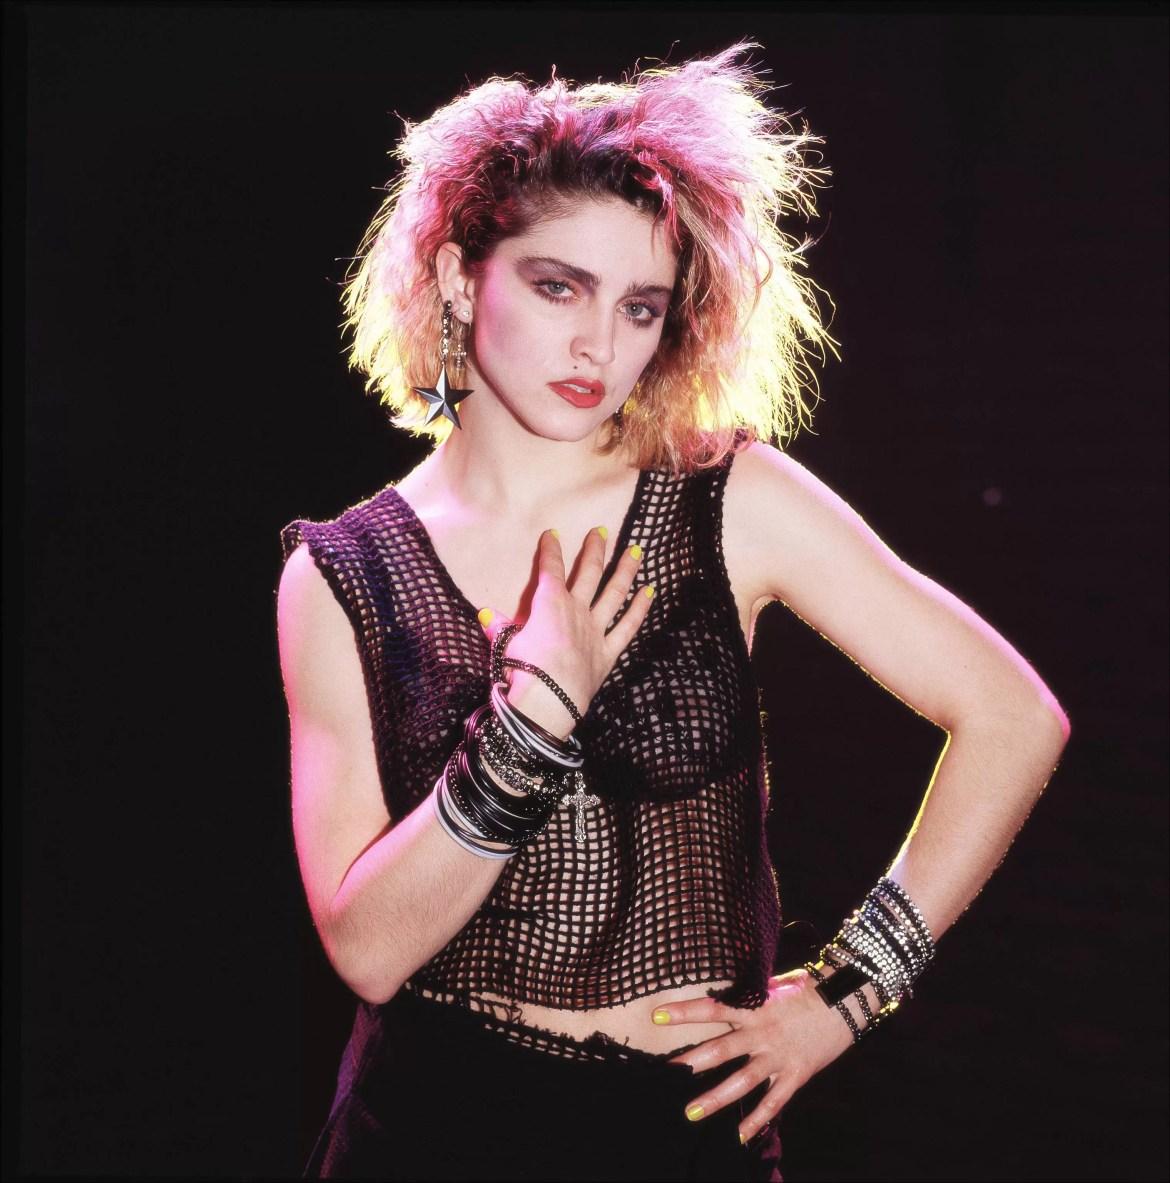 Women of 1980s Pop